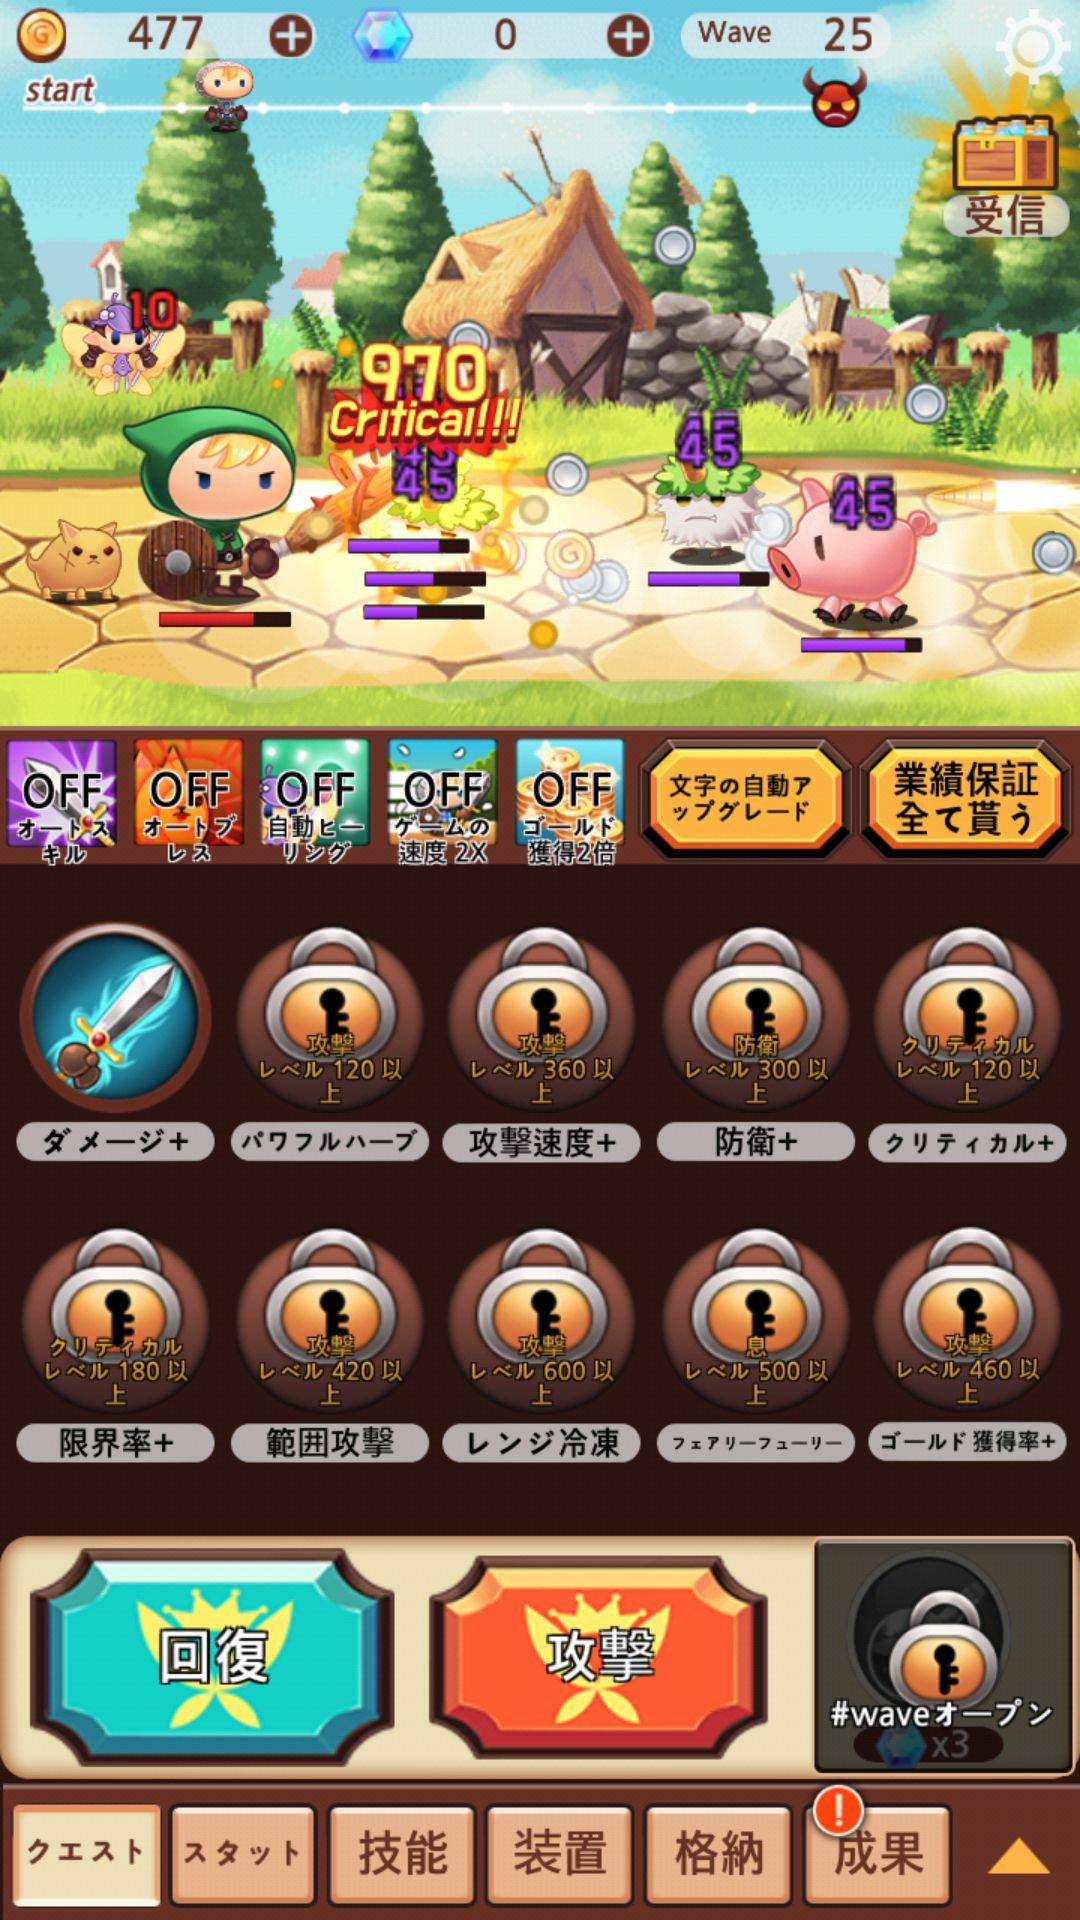 突然の勇士 androidアプリスクリーンショット3